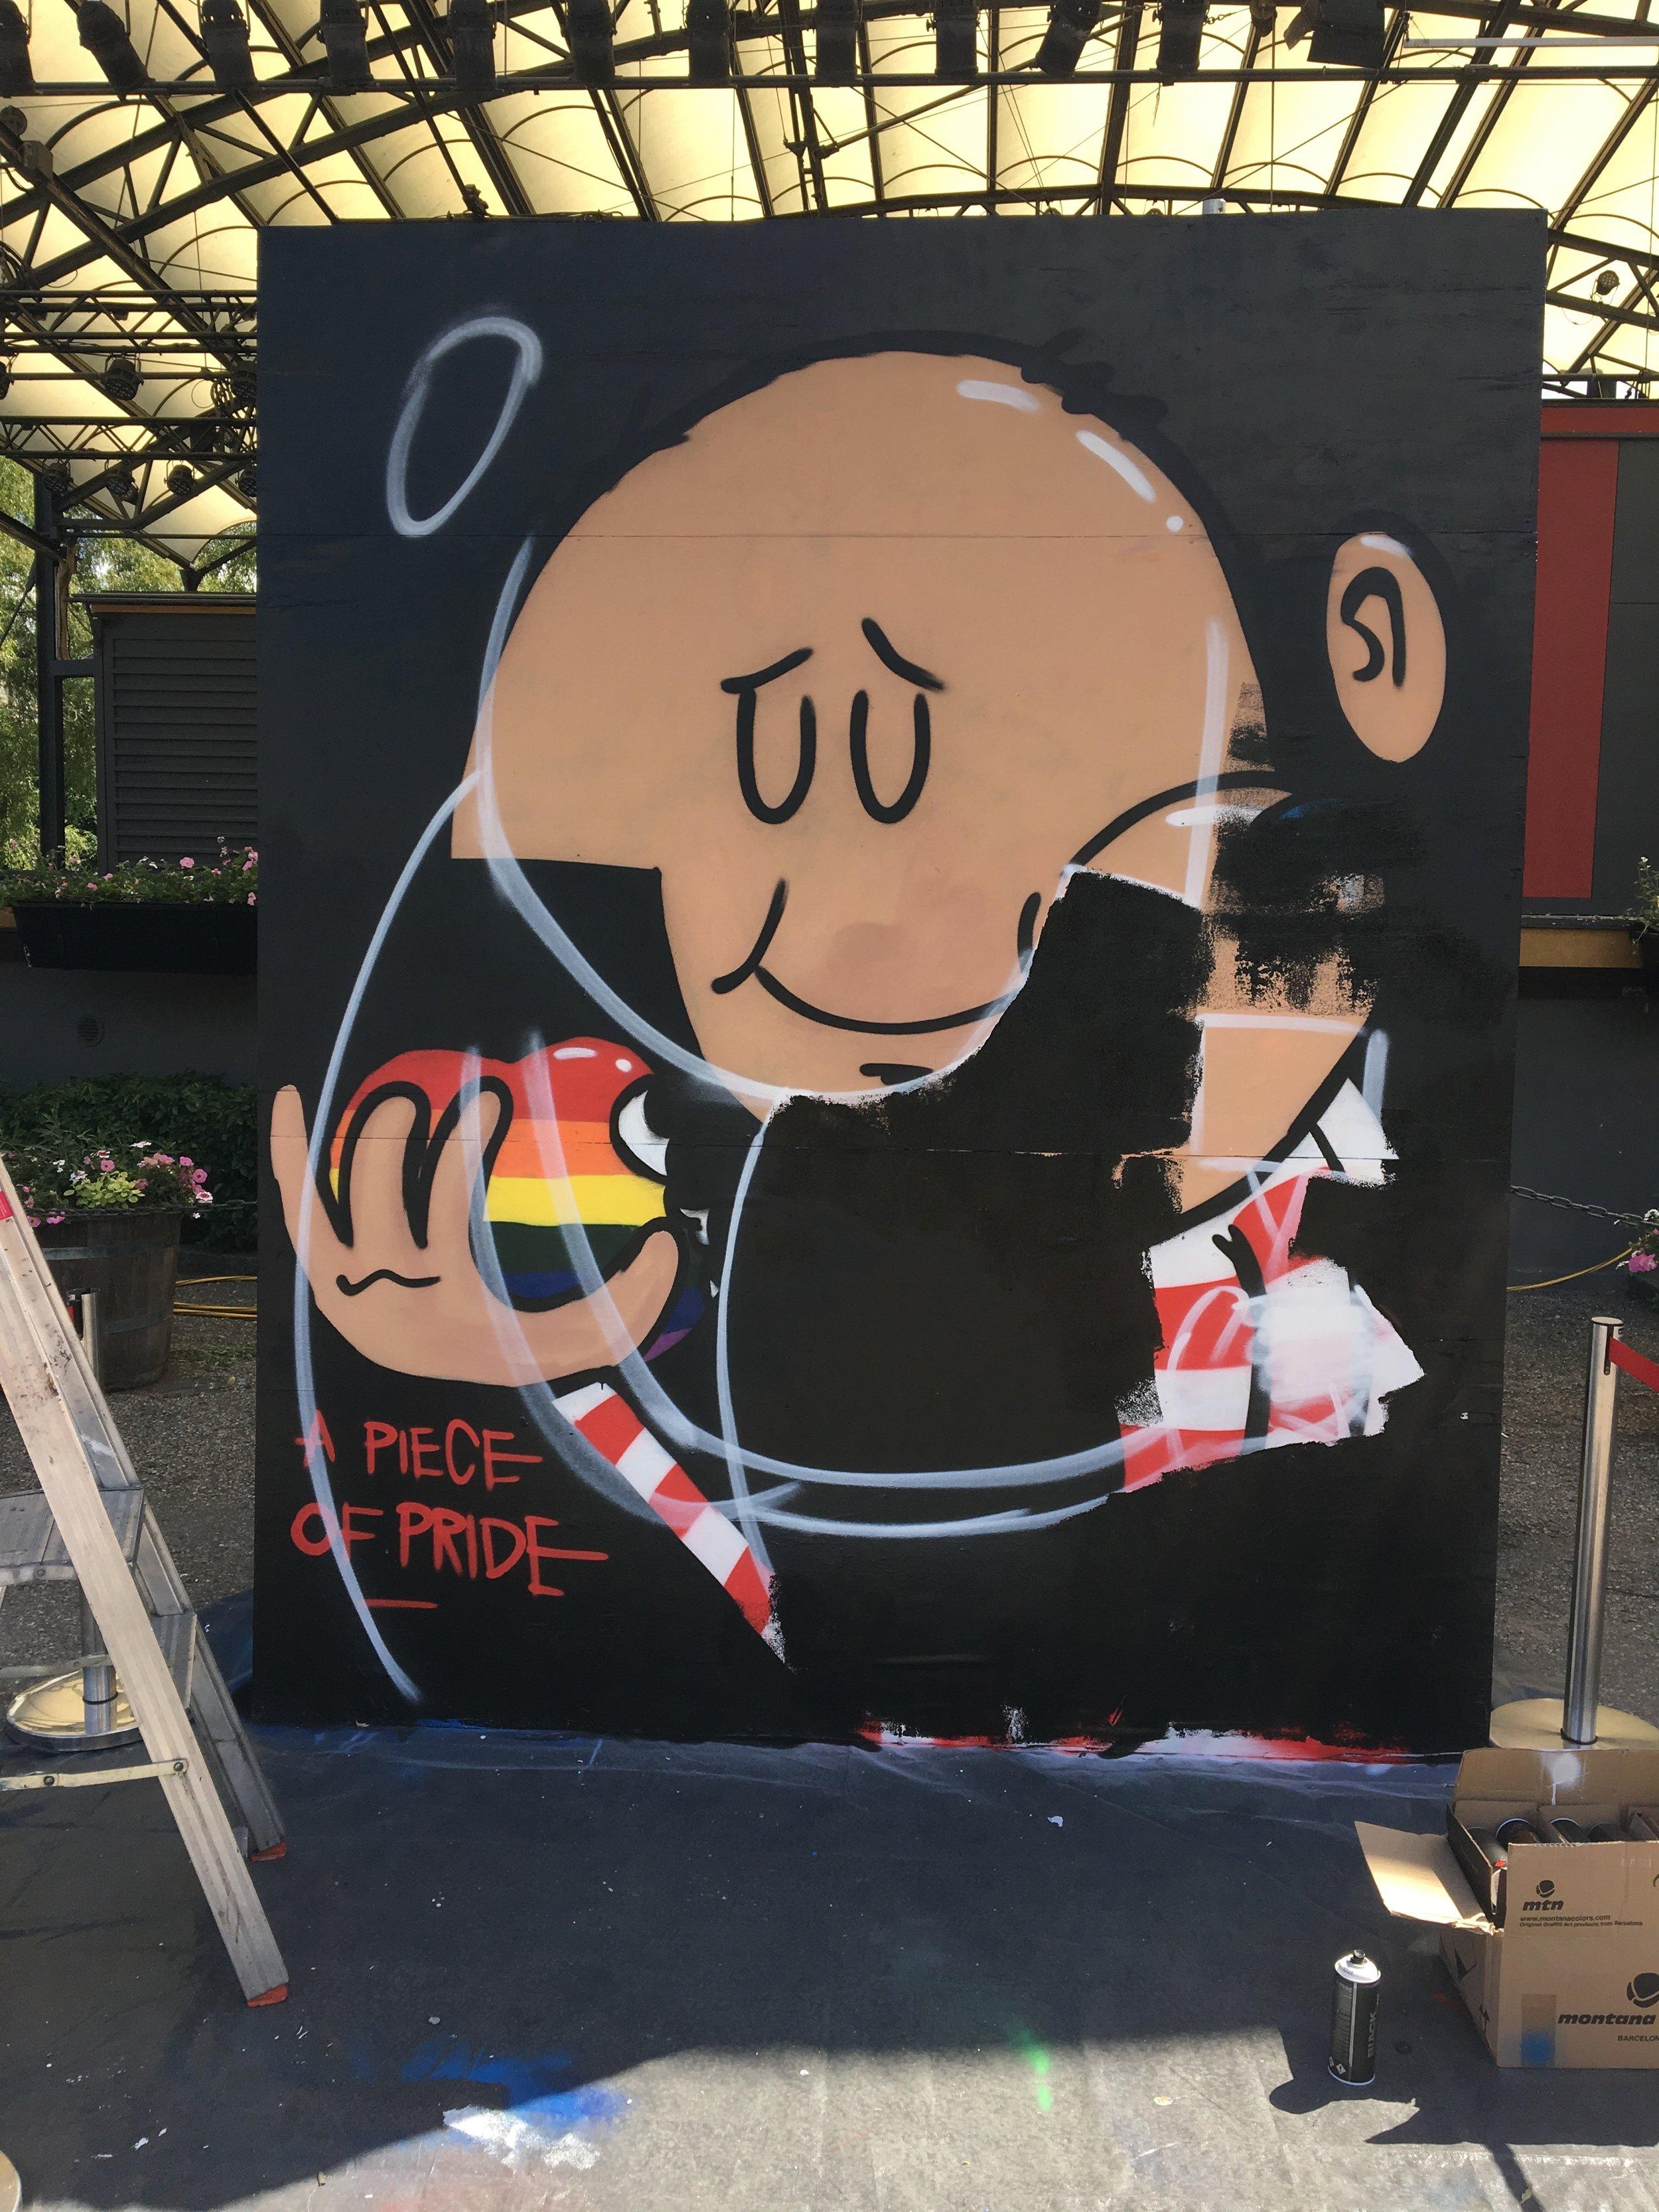 Forbipasserende mente det var brutalt å male over nymalte vegger. Jeg er til en viss grad enig. Men det er også befriende.